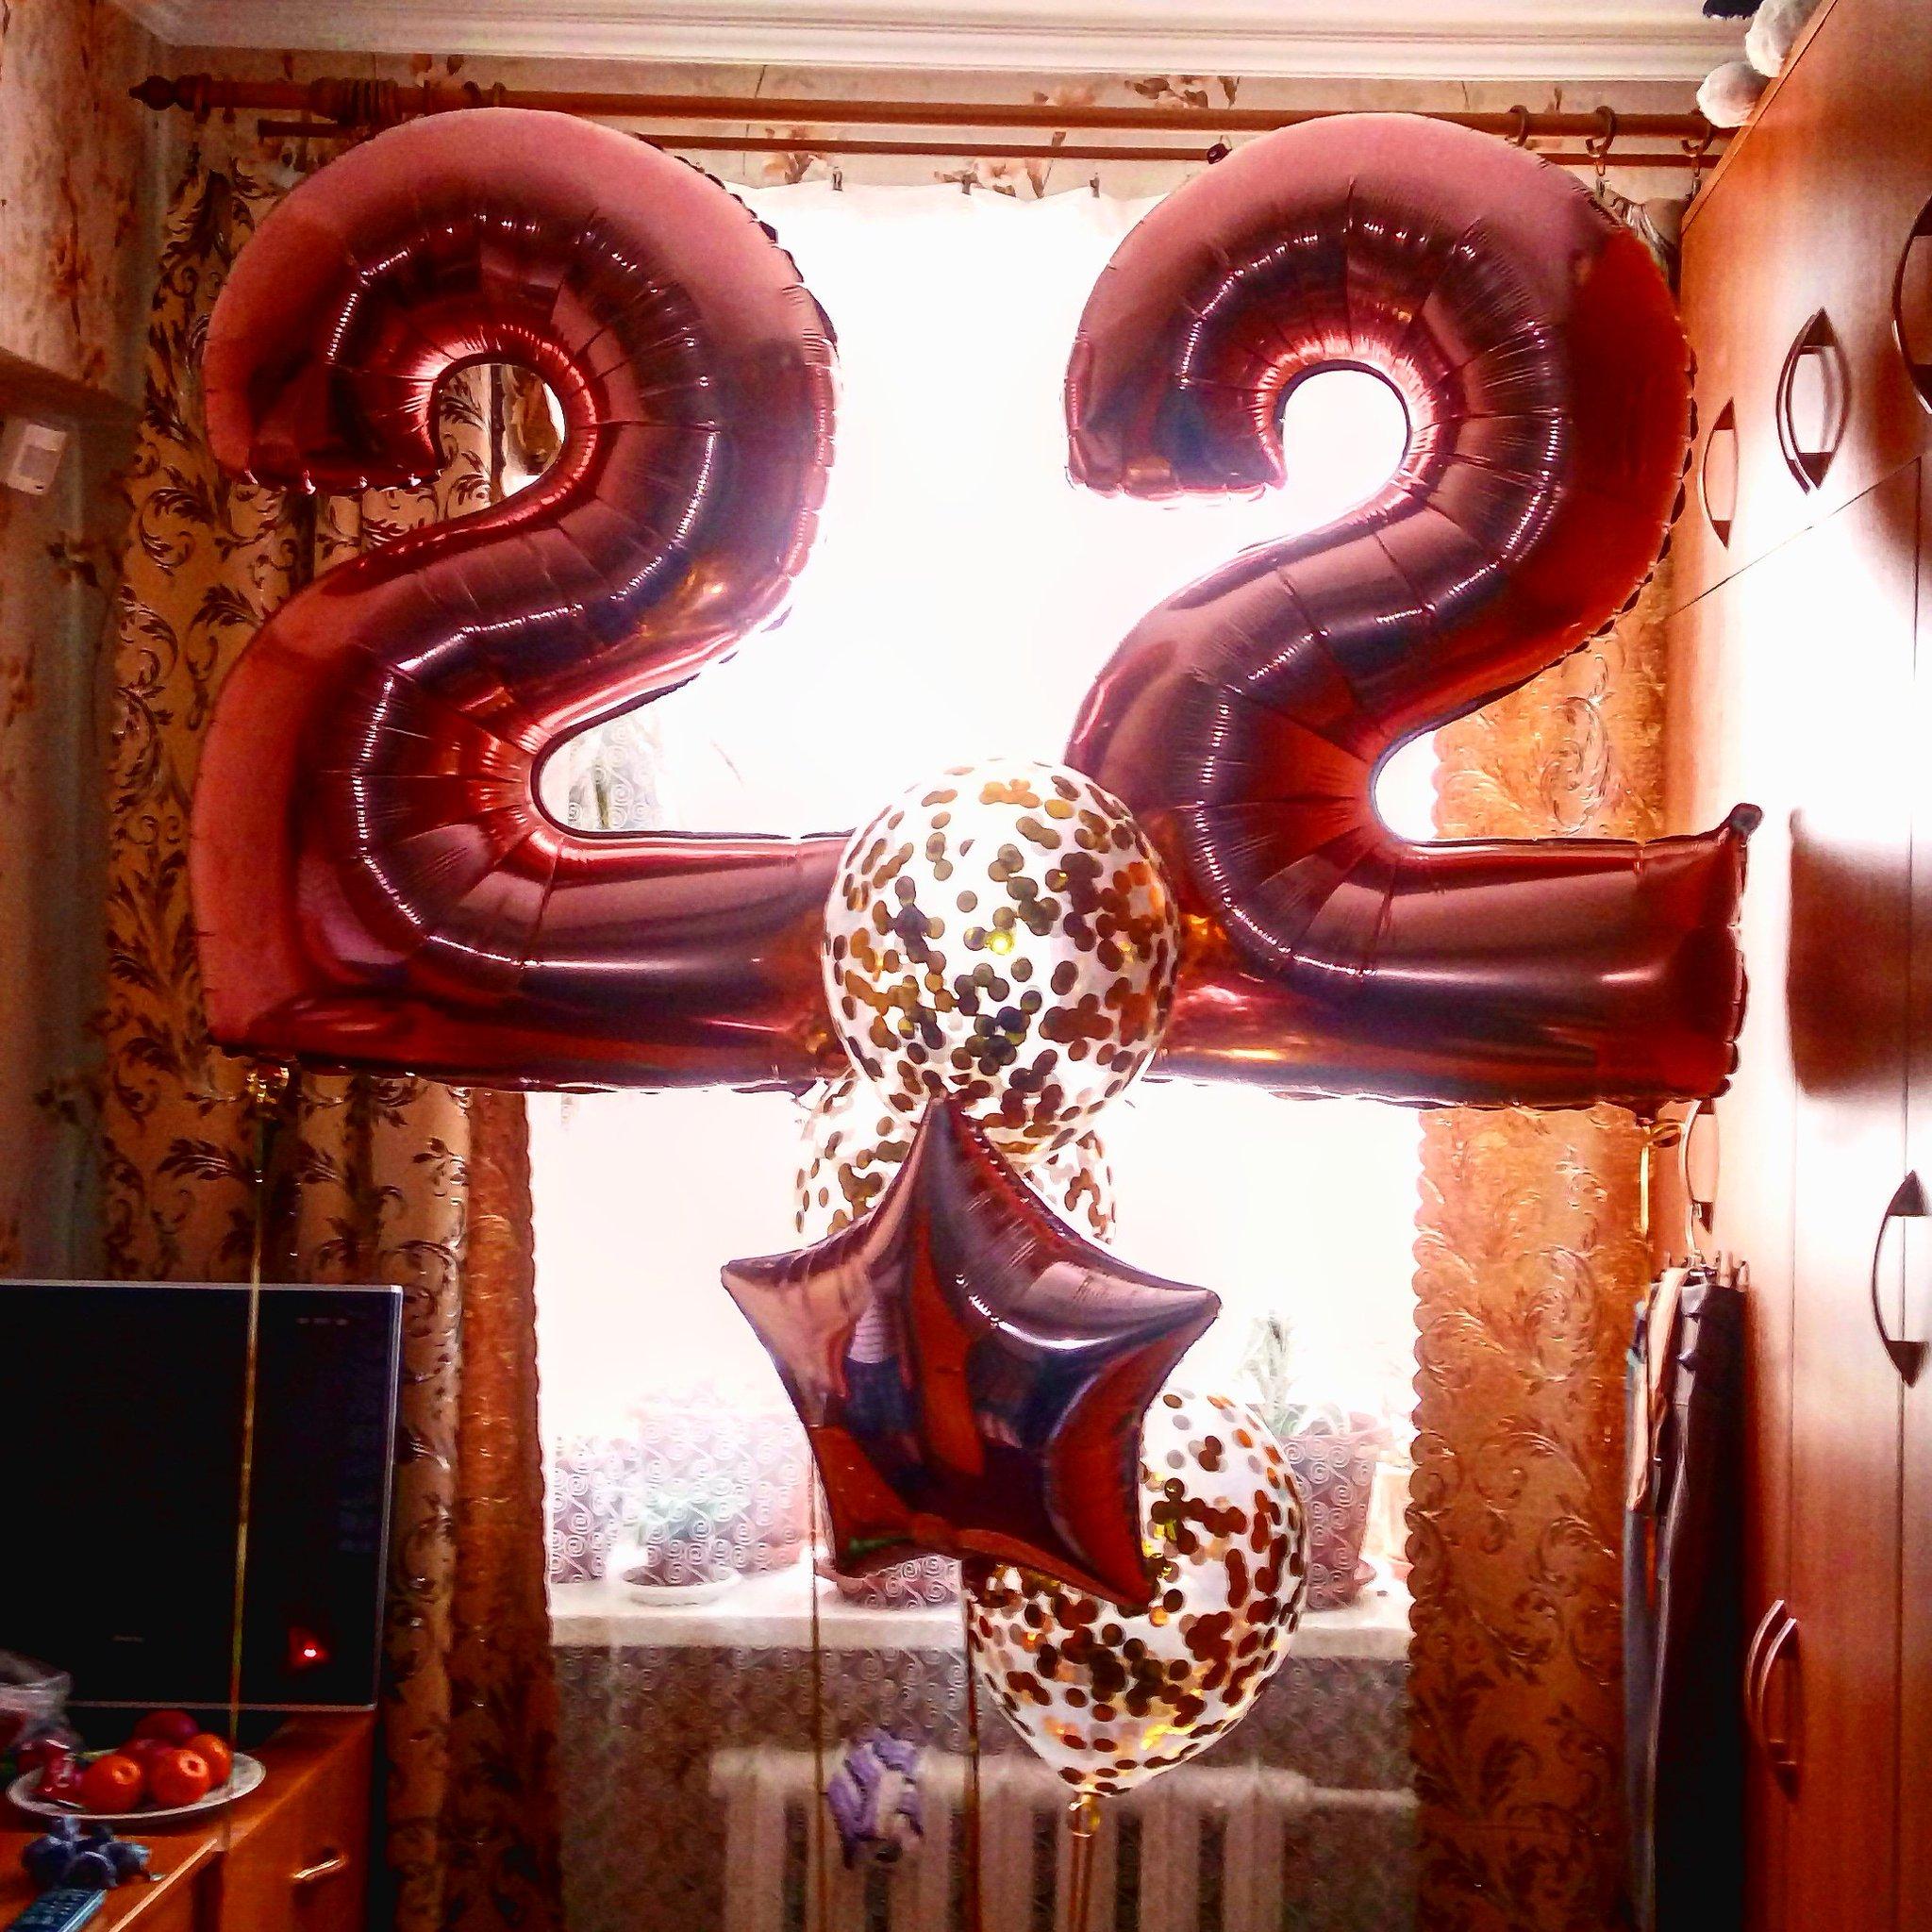 22 года день рождения картинка